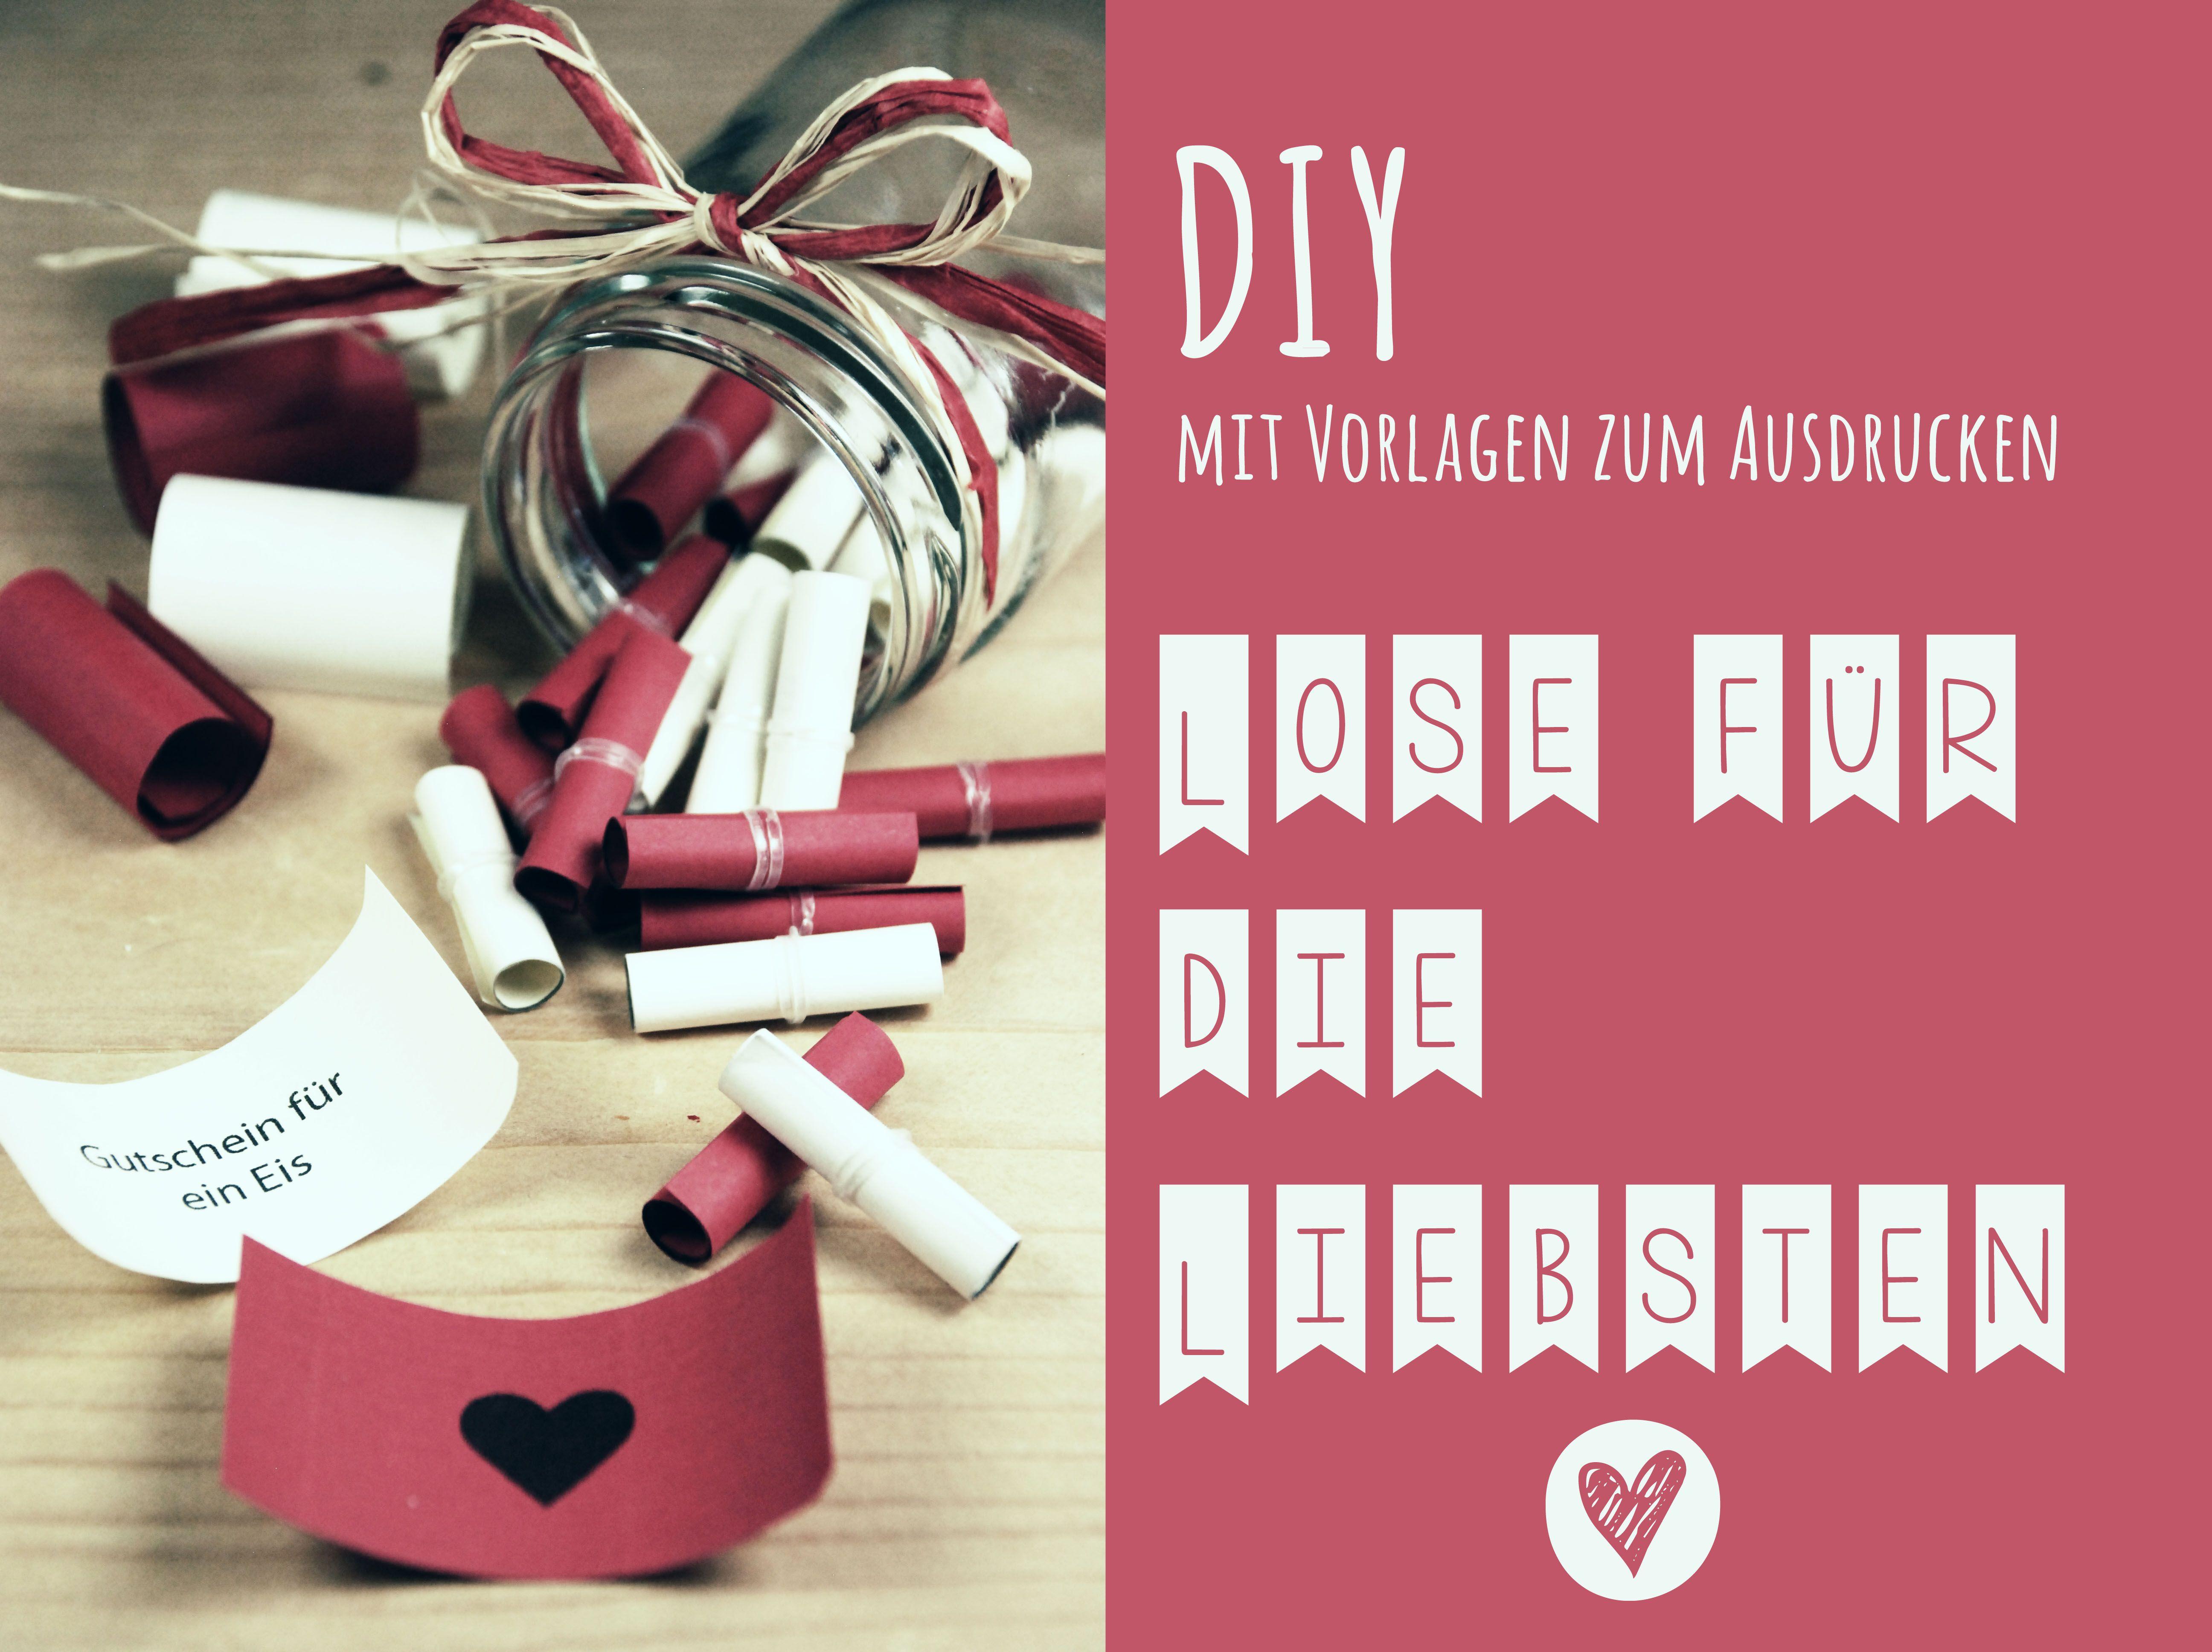 DIY LOSE FÜR DIE LIEBSTEN Valentinstag geschenk für